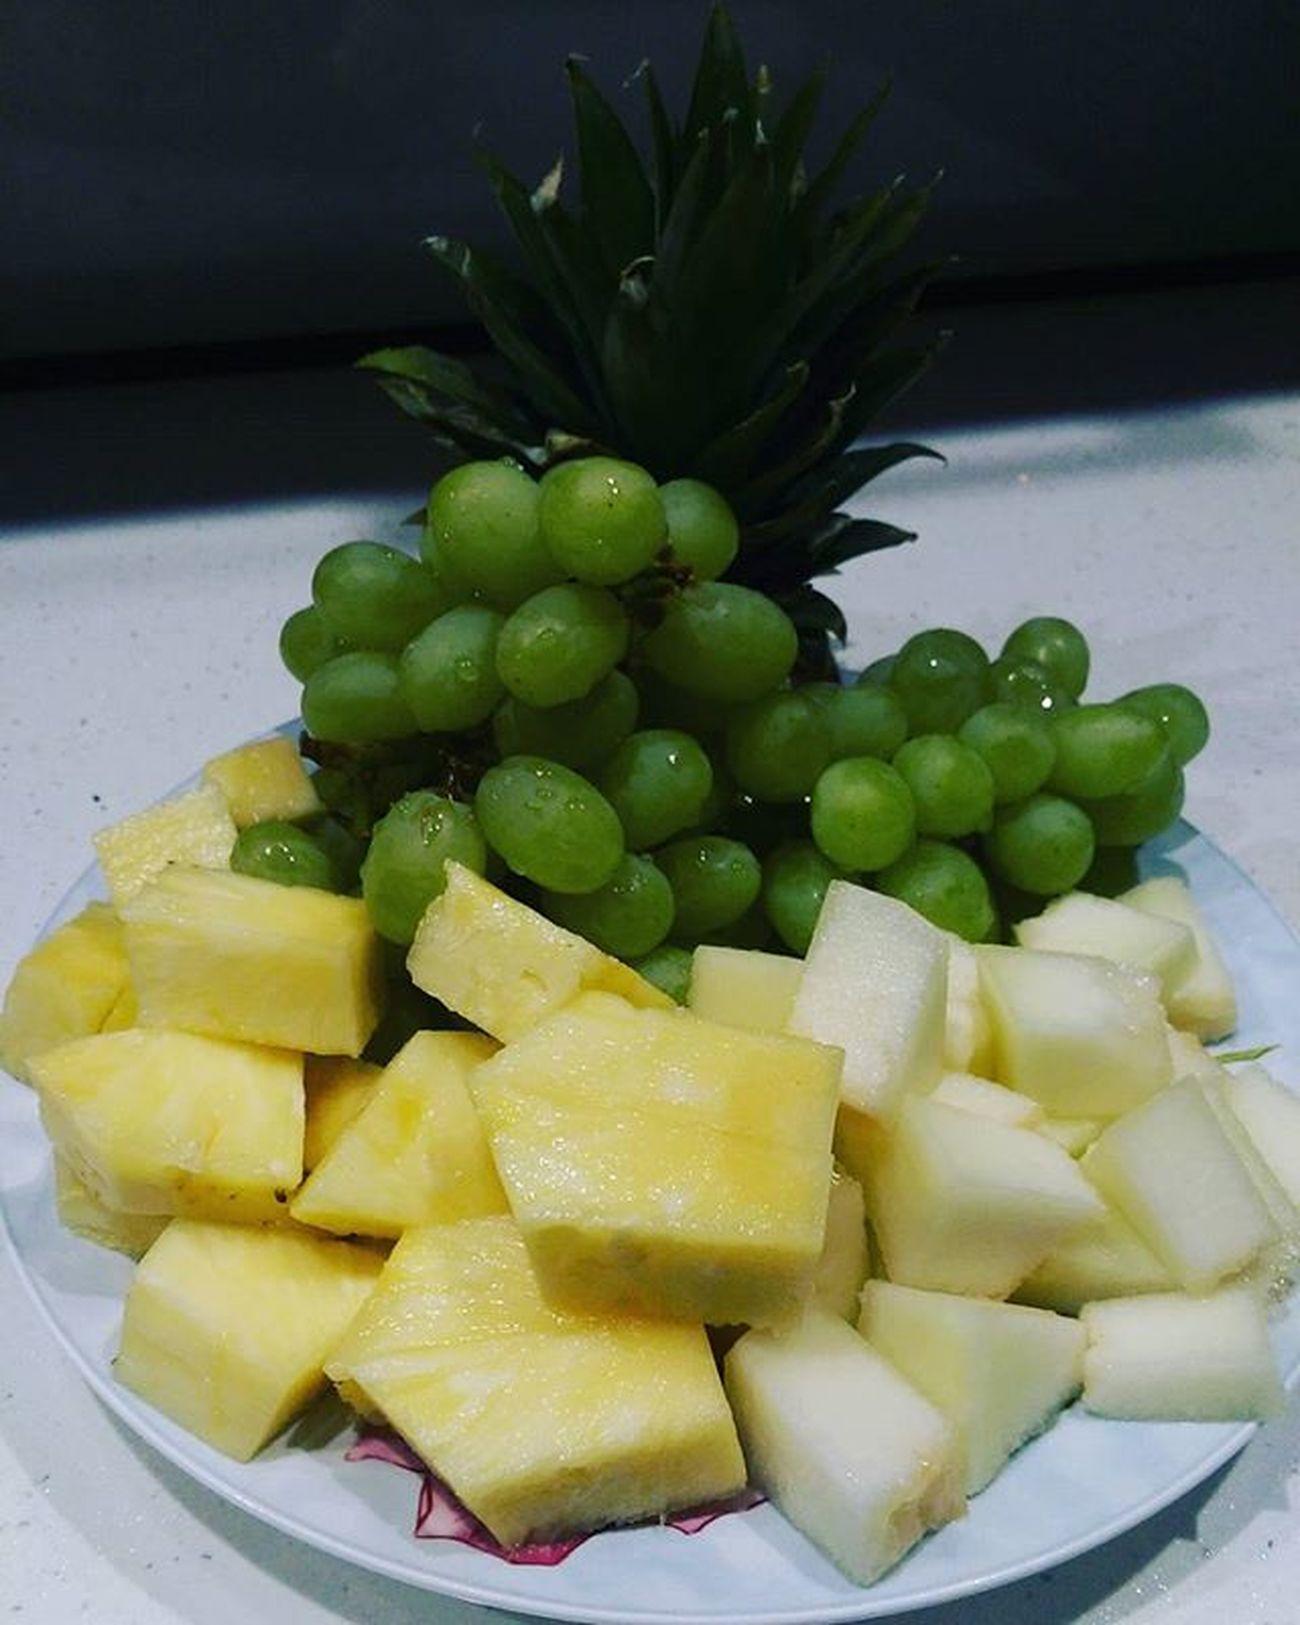 Fruitsnacks Yummy Grapes Pinapple Melon Apsiryjimas Garantuotai